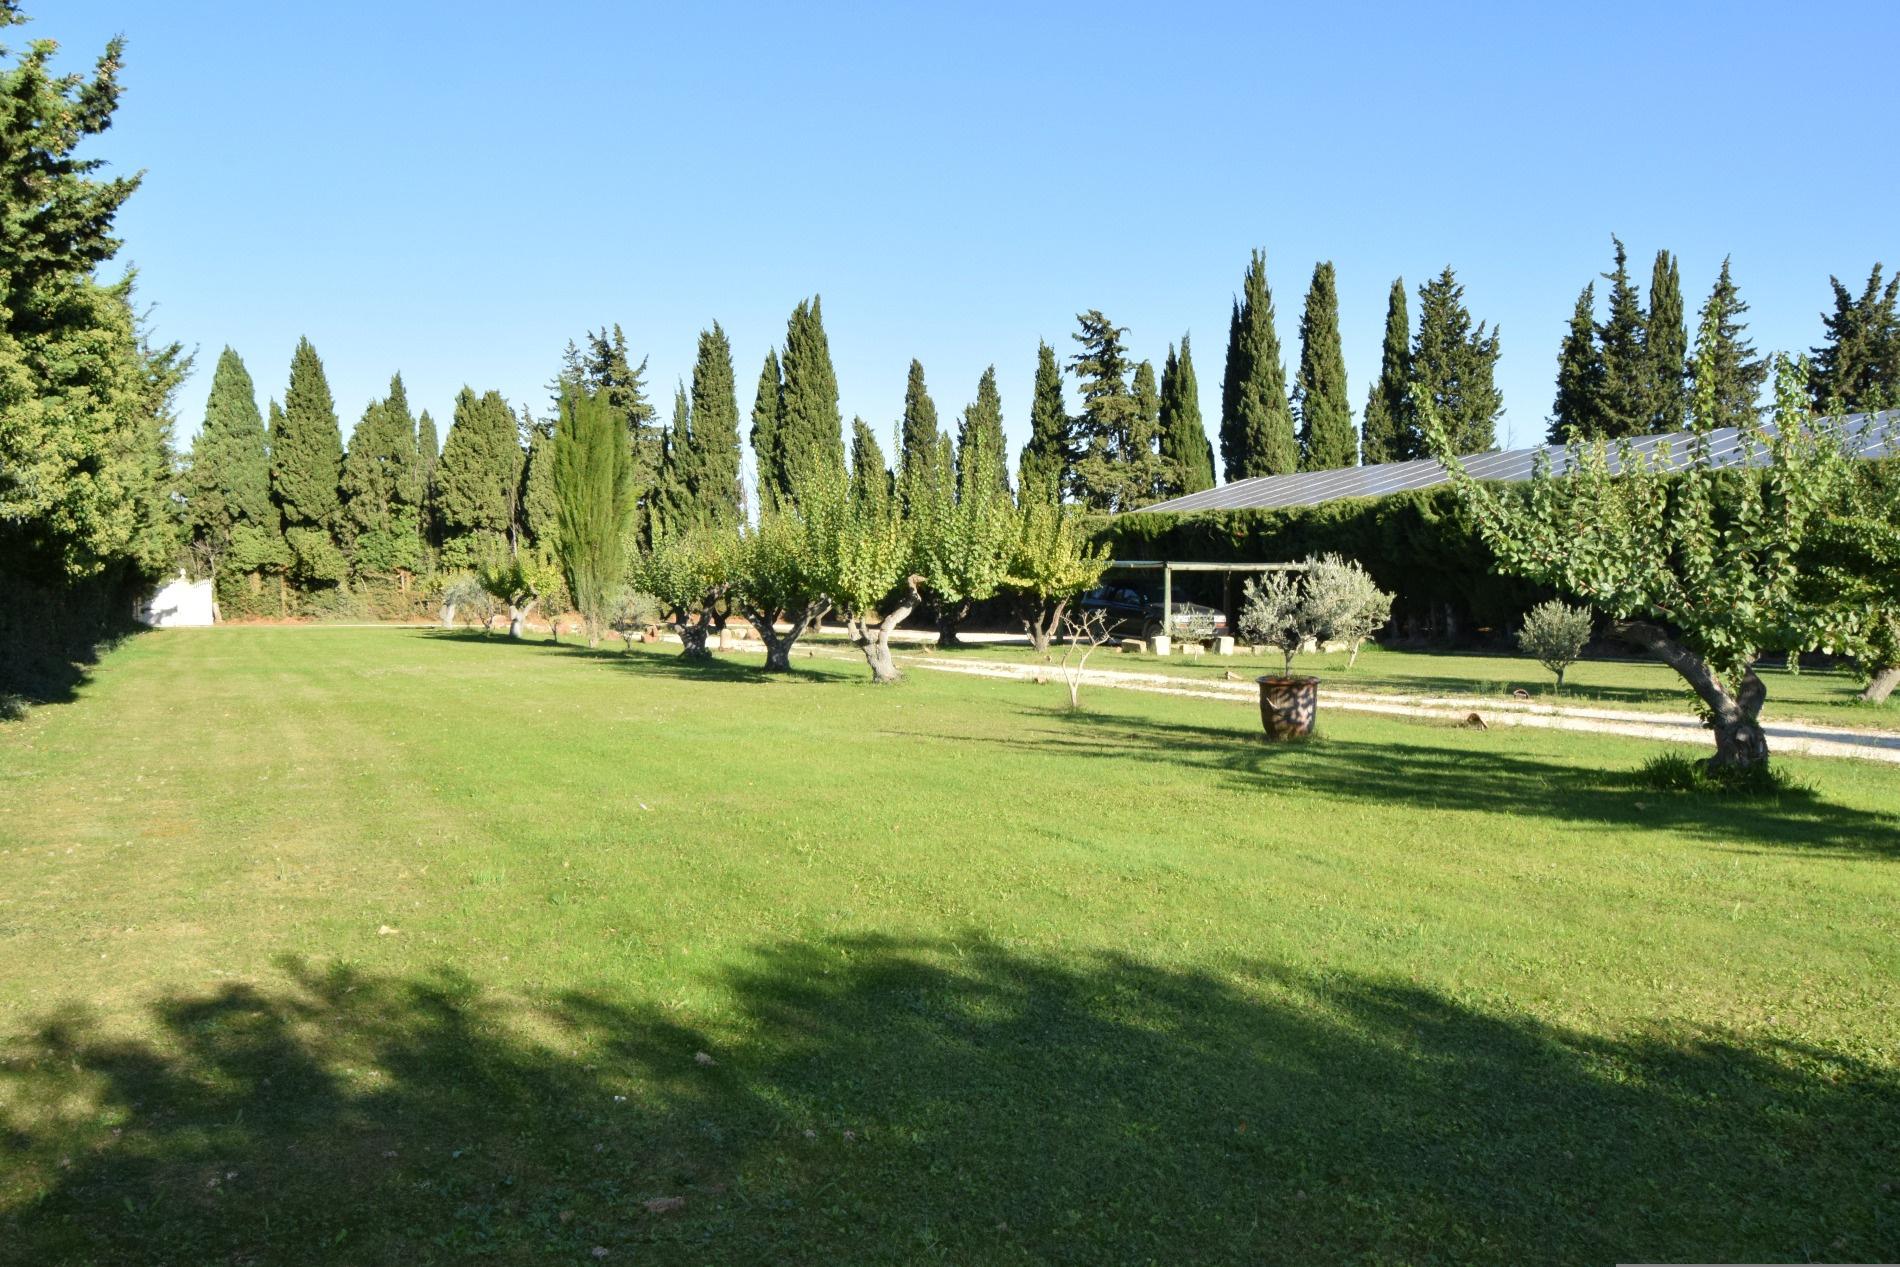 Vente maison de campagne 200 m2 habitable sur 3000 m2 de for 100 m2 de terrain